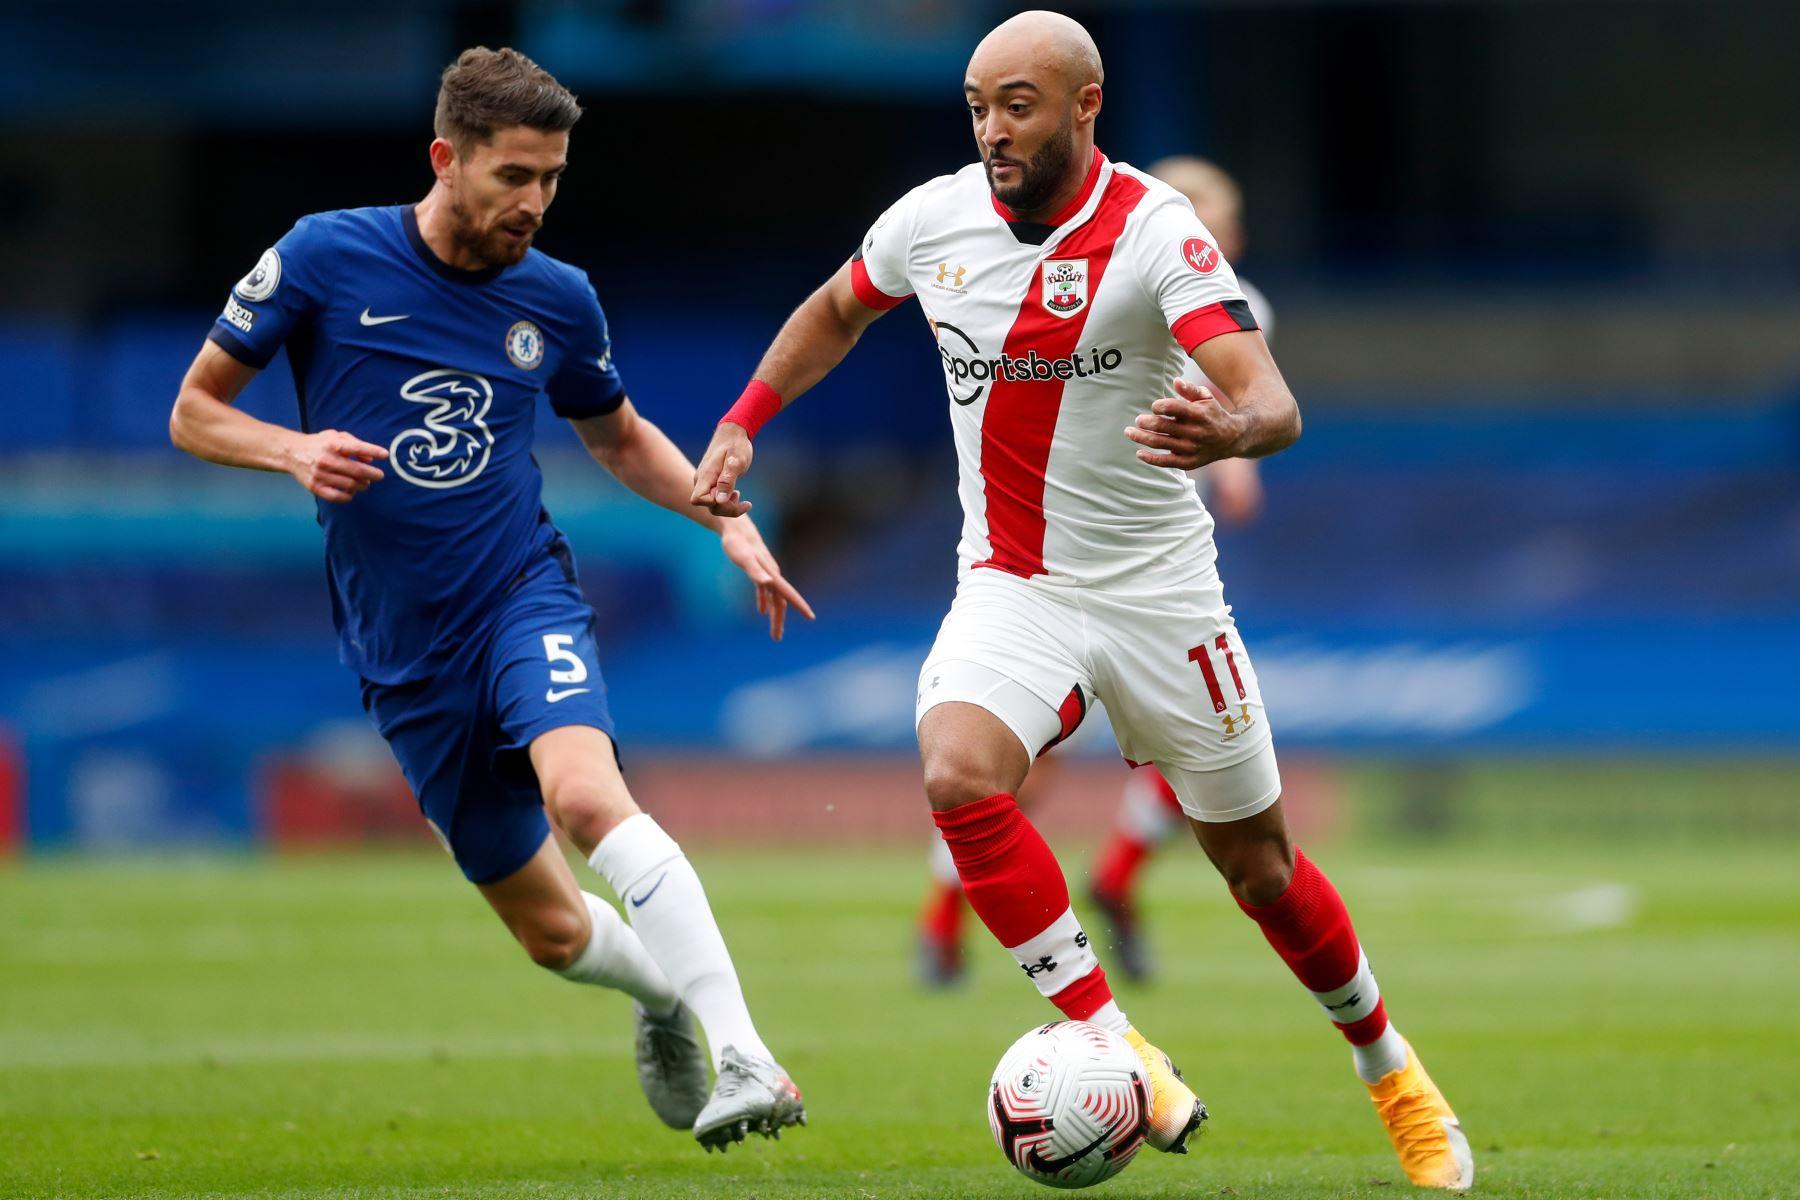 El mediocampista italiano de Chelsea, Jorginho, lucha por el balón con el mediocampista inglés de Southampton, Nathan Redmond, durante el partido de fútbol de la Premier League en Stamford Bridge, Londres. Foto: AFP